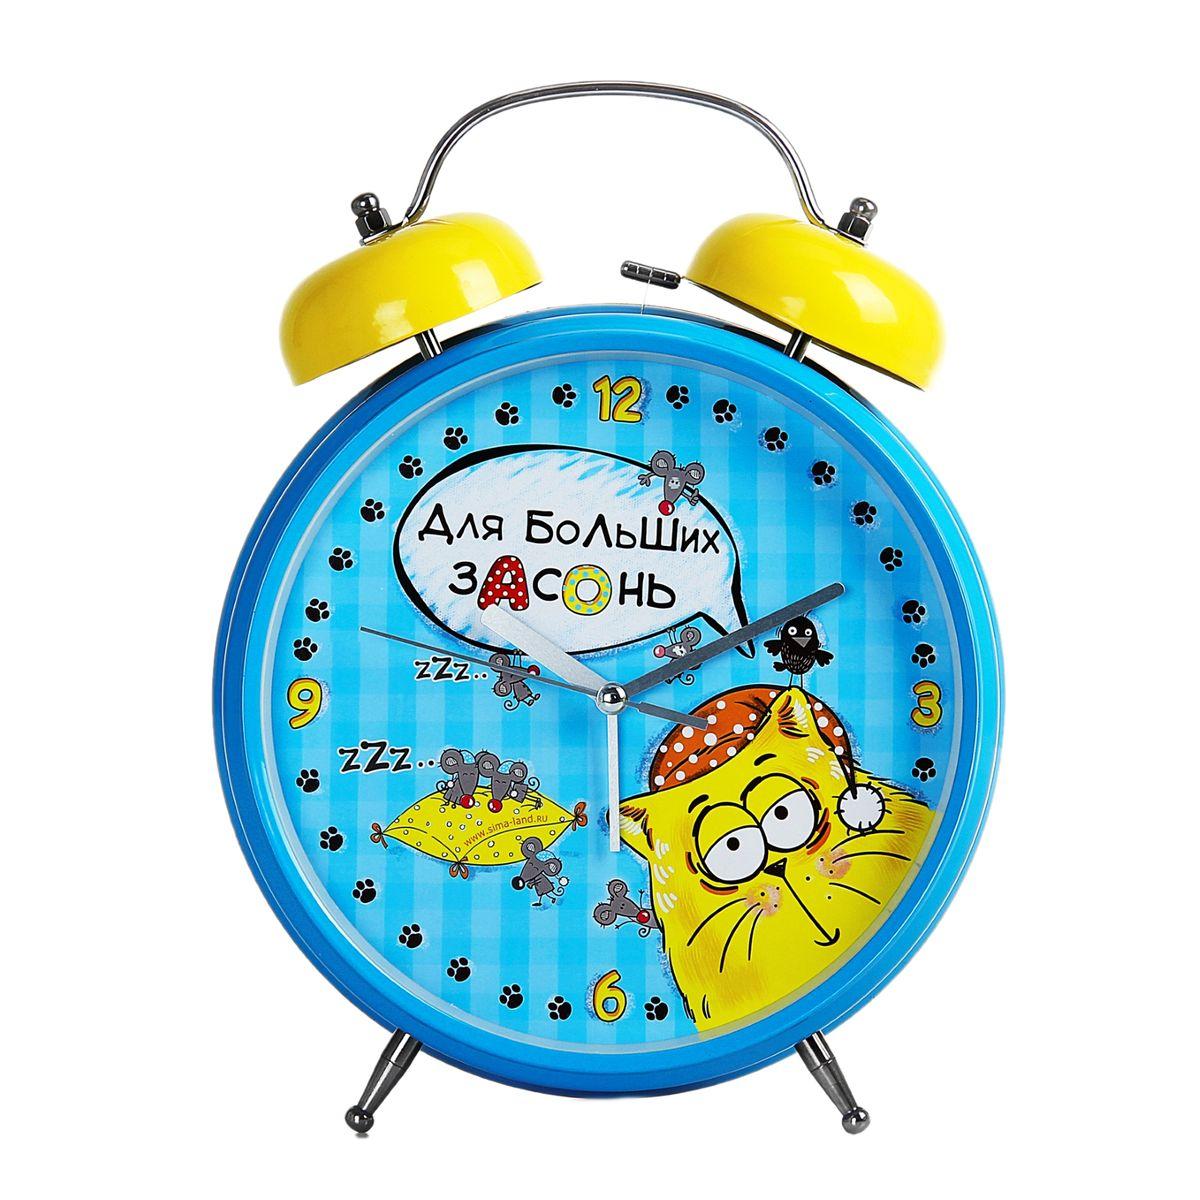 Часы-будильник Sima-land Для больших засонь1056414Как же сложно иногда вставать вовремя! Всегда так хочется поспать еще хотя бы 5 минут и бывает, что мы просыпаем. Теперь этого не случится! Яркий, оригинальный будильник Sima-land Для больших засонь поможет вам всегда вставать в нужное время и успевать везде и всюду. Будильник украсит вашу комнату и приведет в восхищение друзей. Время показывает точно и будит в установленный час.Будильник невероятных размеров создан специально для тех, кого ранним утром не берут ни огонь, ни вода, ни медные трубы! Это гигант среди будильников. Его звук соответствует размеру - громкий и звонкий и не оставляет никому шансов проспать. На задней панели будильника расположены переключатель включения/выключения механизма, а также два колесика для настройки текущего времени и времени звонка будильника. Также будильник оснащен кнопкой, при нажатии и удержании которой, подсвечивается циферблат. Будильник работает от 2 батареек типа AA напряжением 1,5V (не входят в комплект).